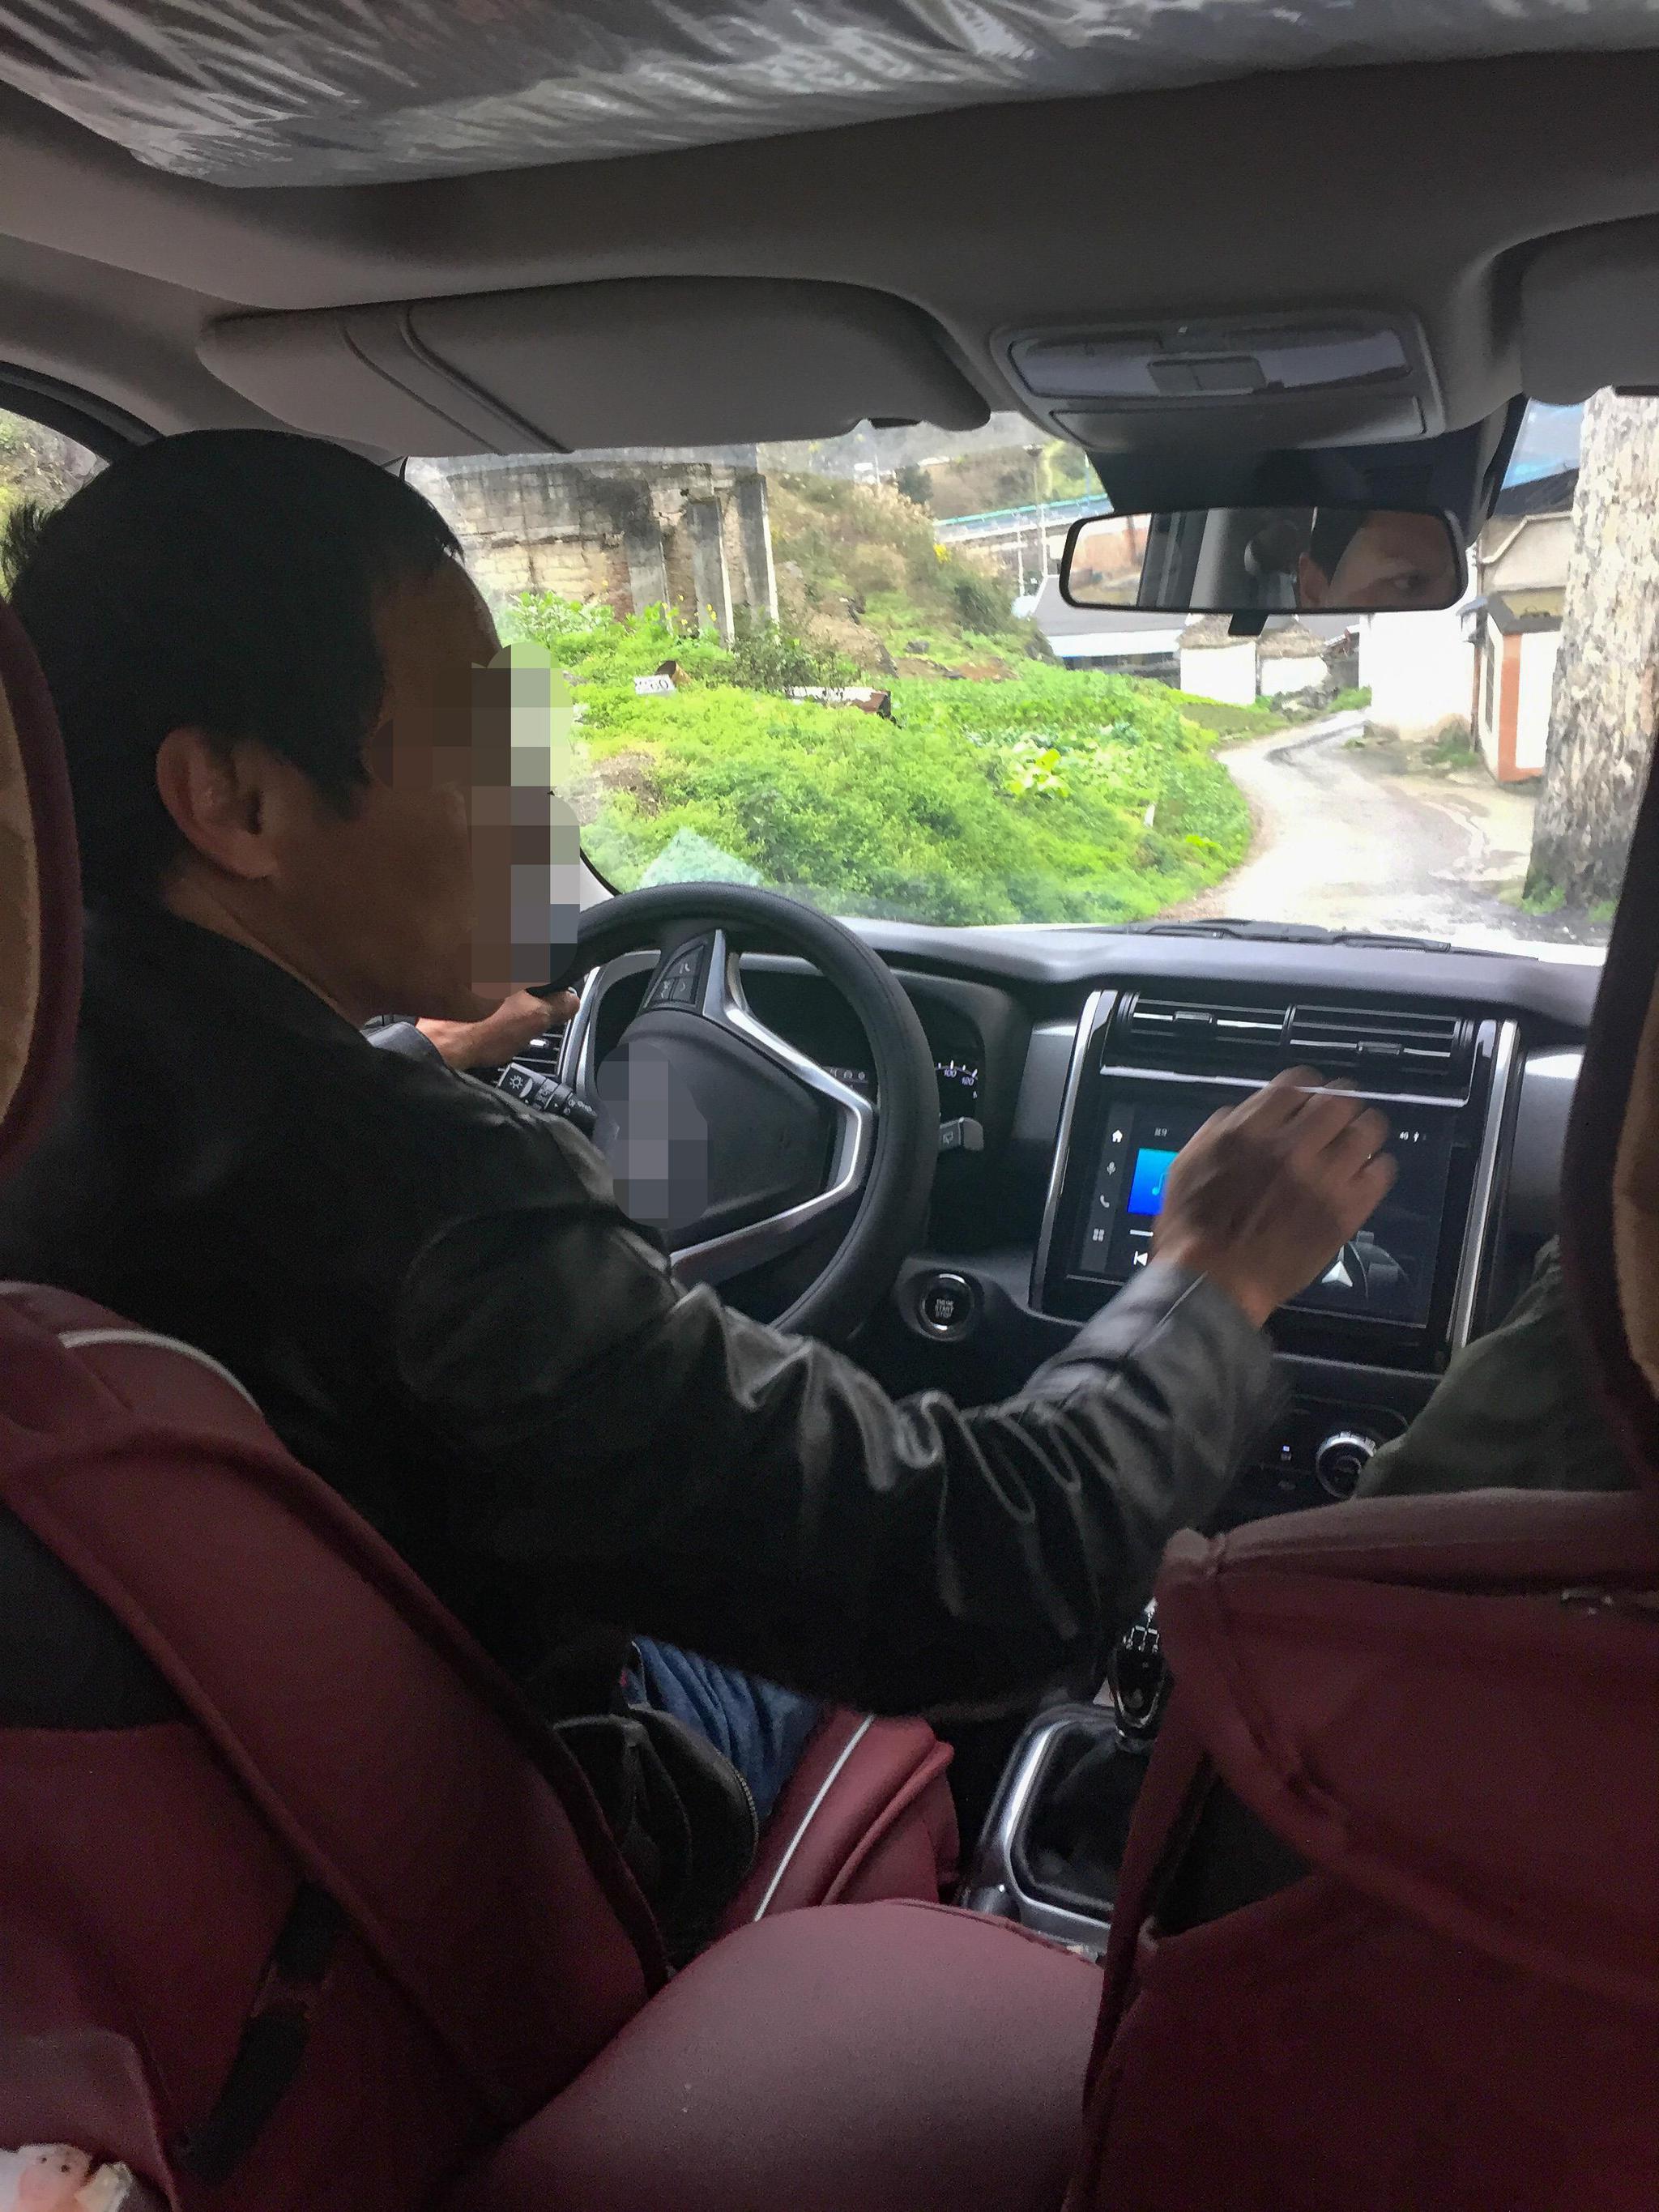 陈建荣(化名)带记者去他的作坊,在车上他讲述了洞藏酒的内幕 图/新京报记者 郑新洽